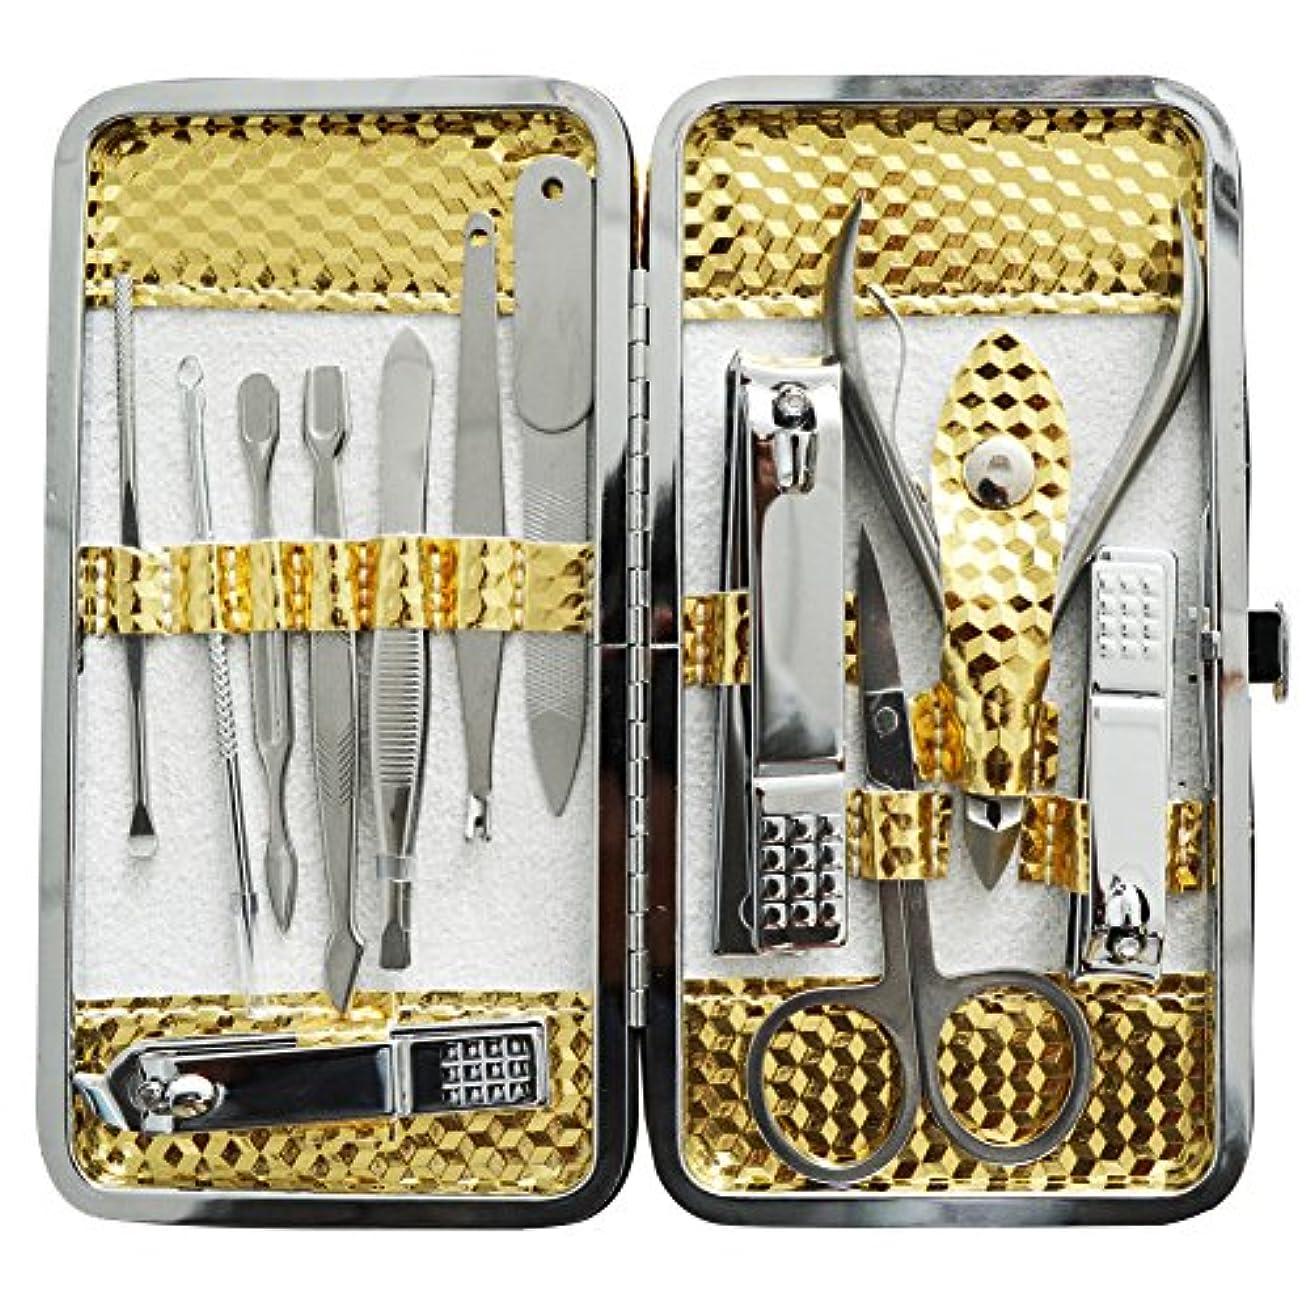 でも飢真珠のような爪切りセット 耳掃除機 12枚はさみ、キューティクルをトリマー、耳かき、ナイフ